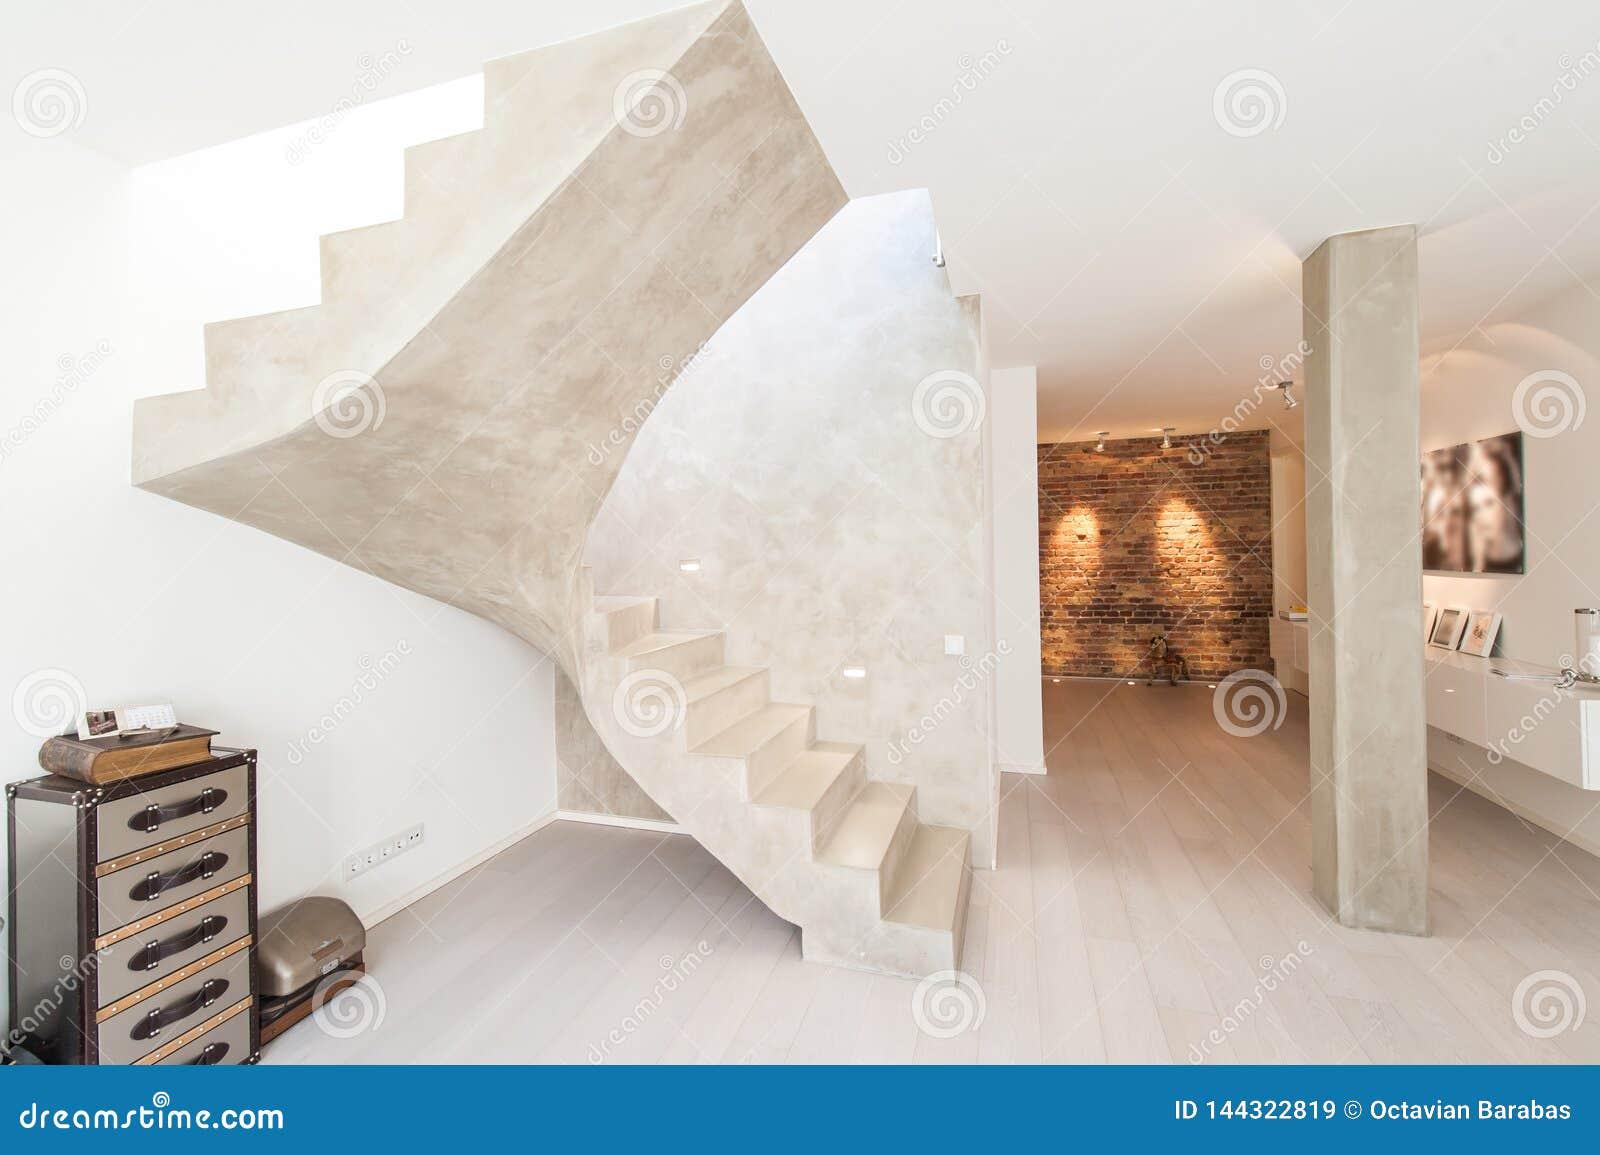 Εσωτερικό του σύγχρονου δωματίου με το στυλοβάτη και τα σκαλοπάτια